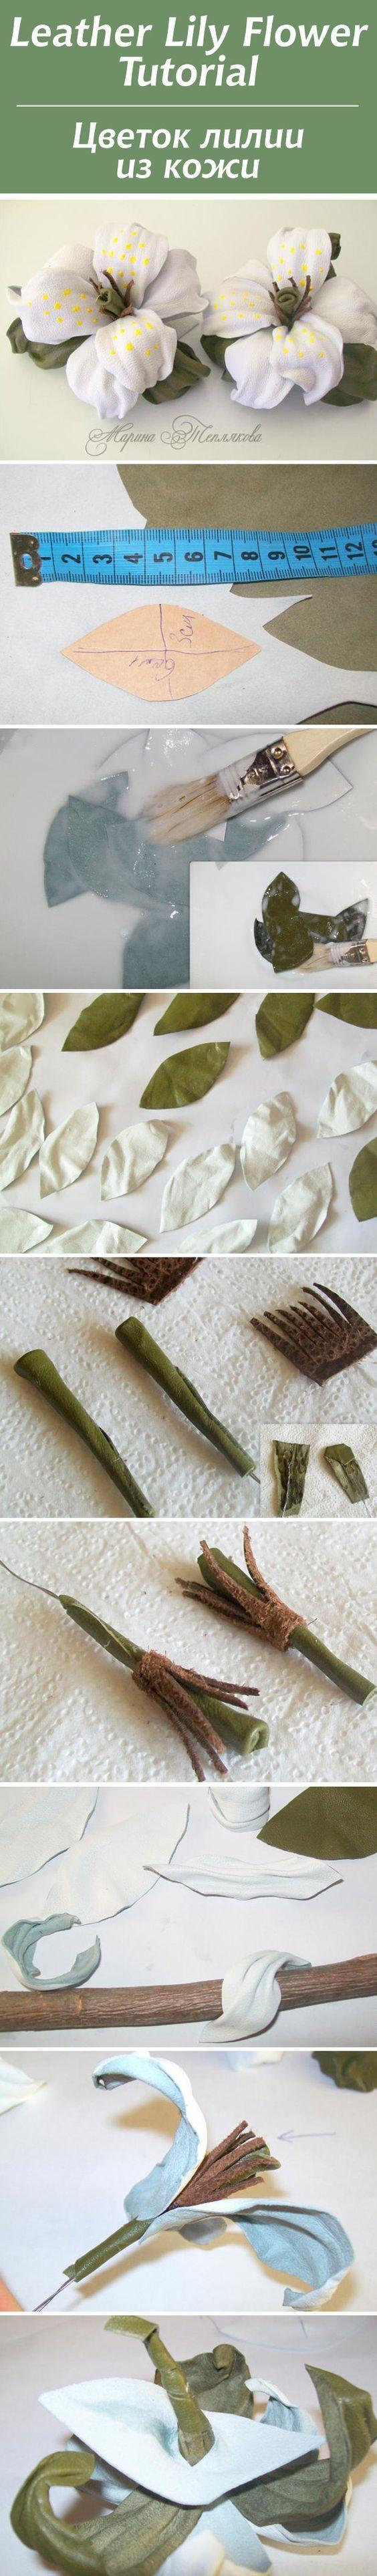 Leather lily flower tutorial / Делаем кожаный цветок лилии